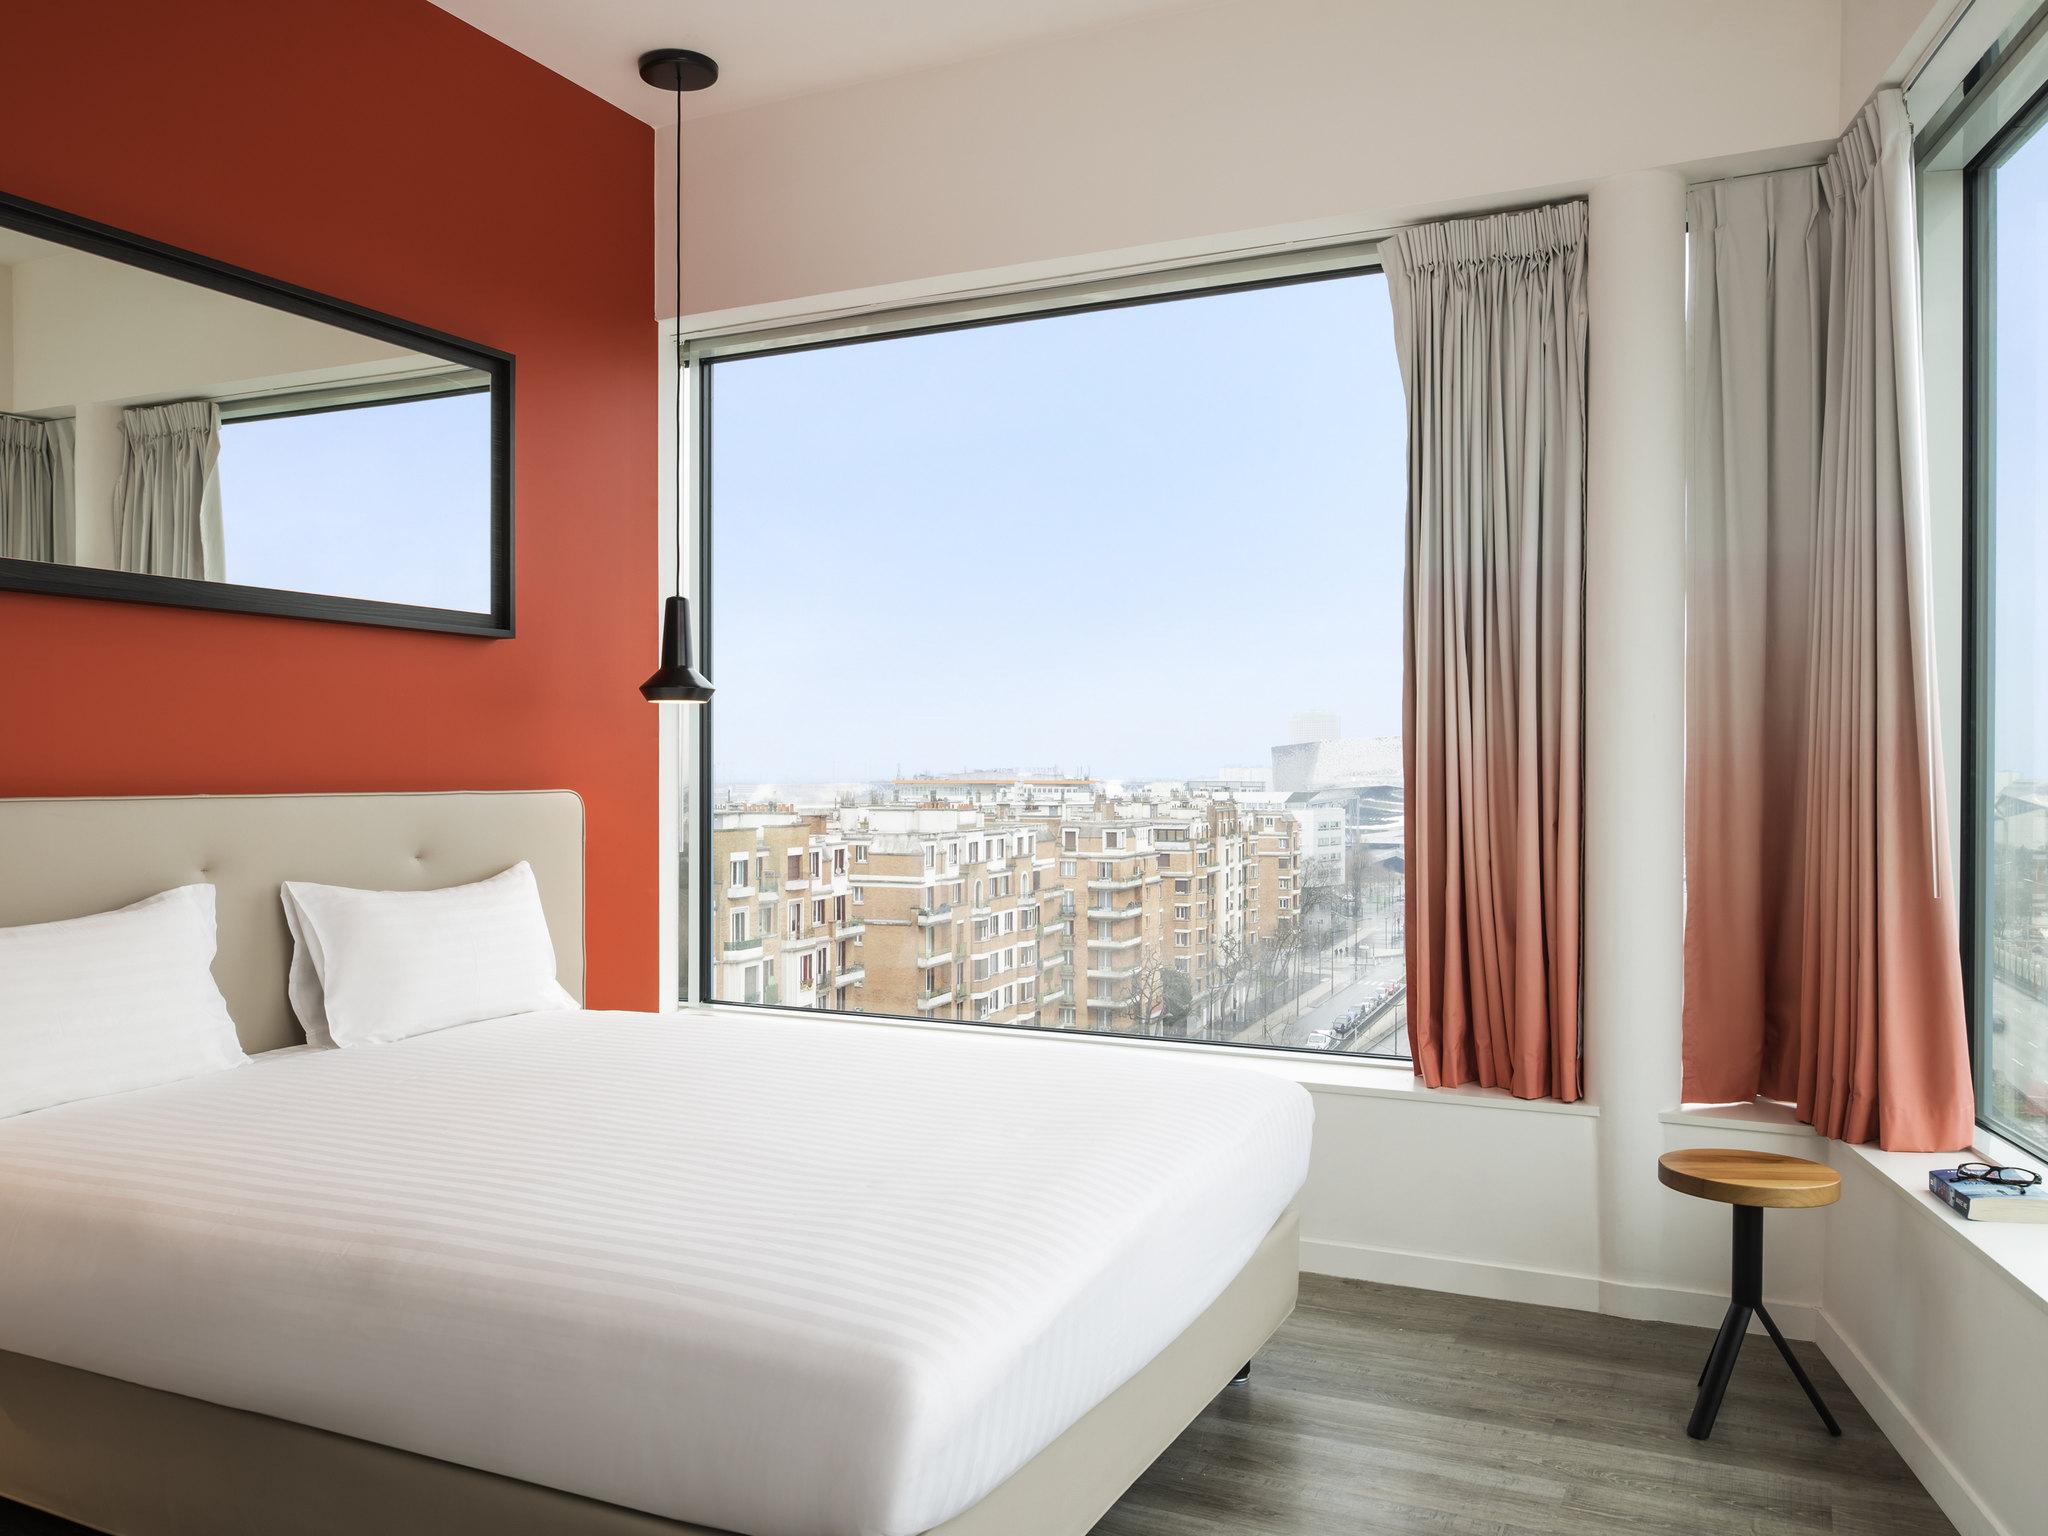 โรงแรม – ไฮปาร์ค บาย อดาจิโอ ลา วิลแลตต์